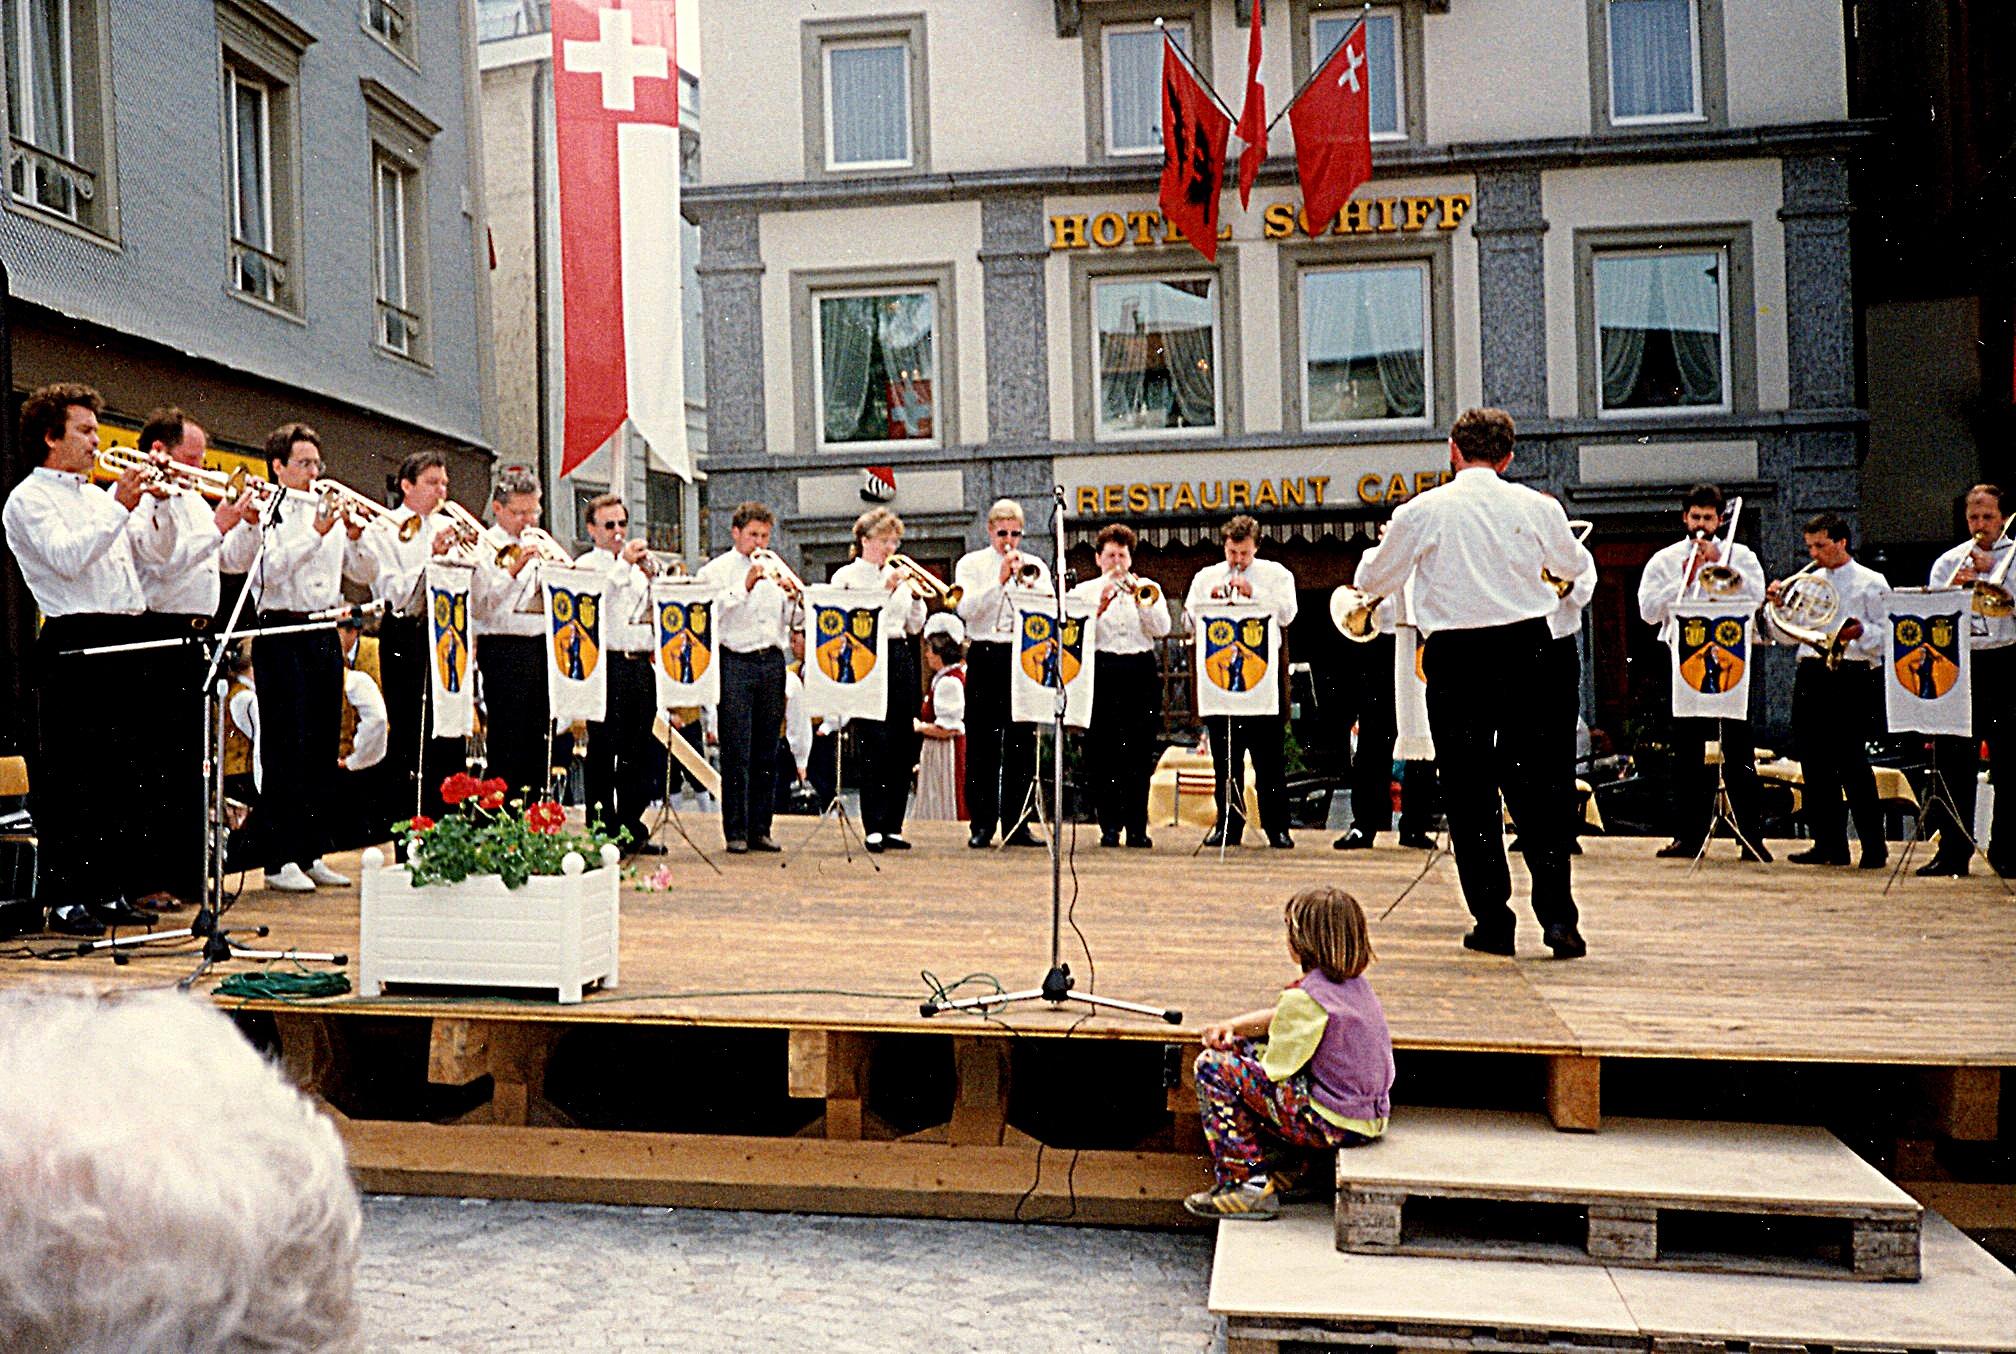 1991: Sechsländertreffen zum 700-jährigen Eidgenossenschaftsjubiläum der Schweiz in EINSIEDELN - mit Unterbringung im Armeespital : 3 Etagen unter der Erde !